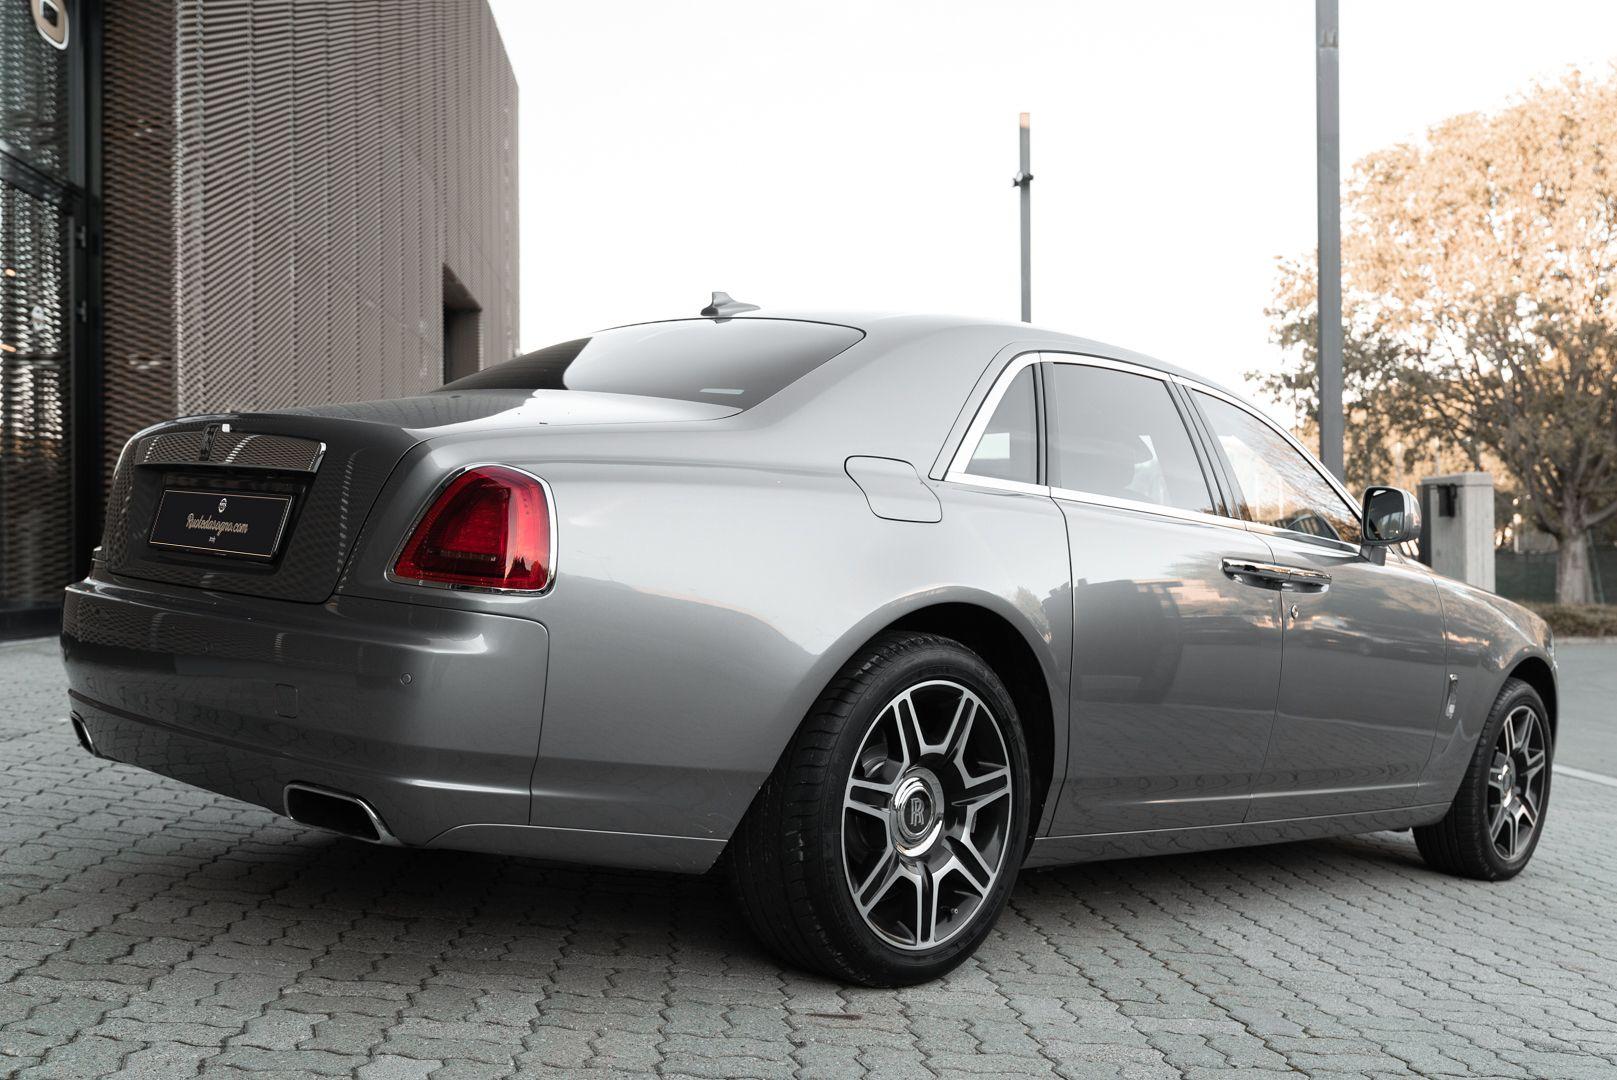 2011 Rolls Royce Ghost 85209